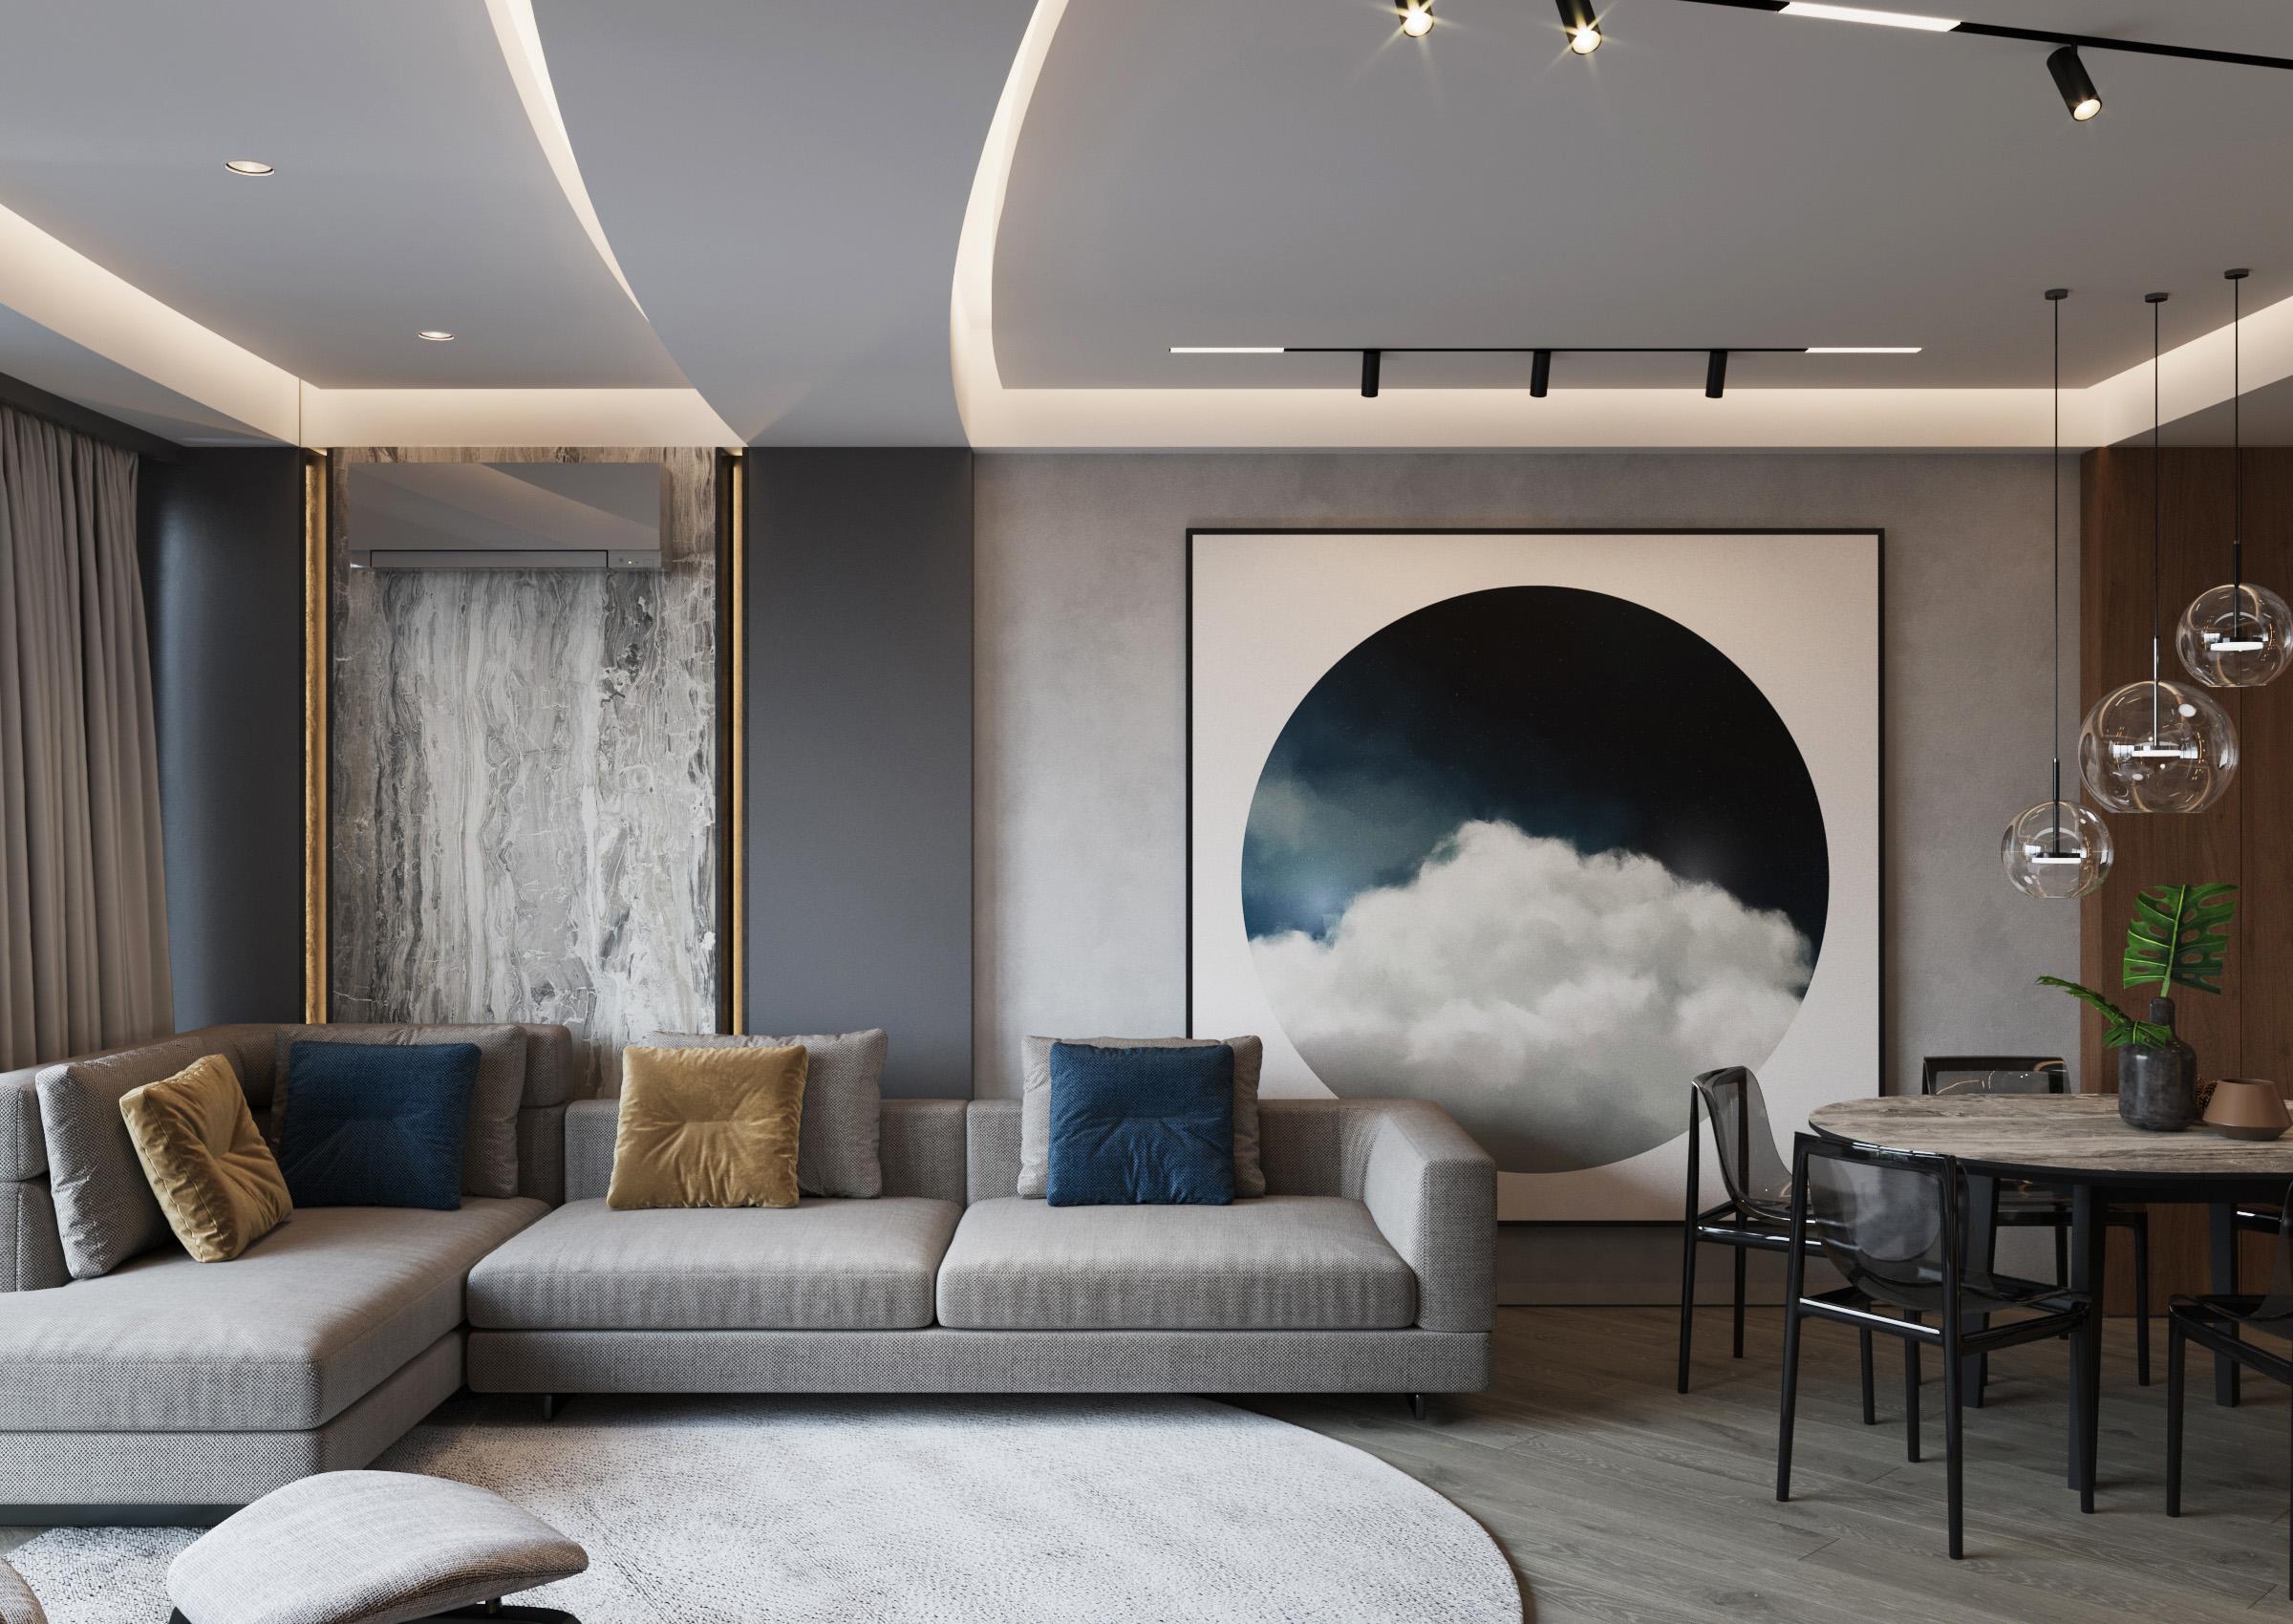 Camera de living cu corpuri de iluminat de la tavan